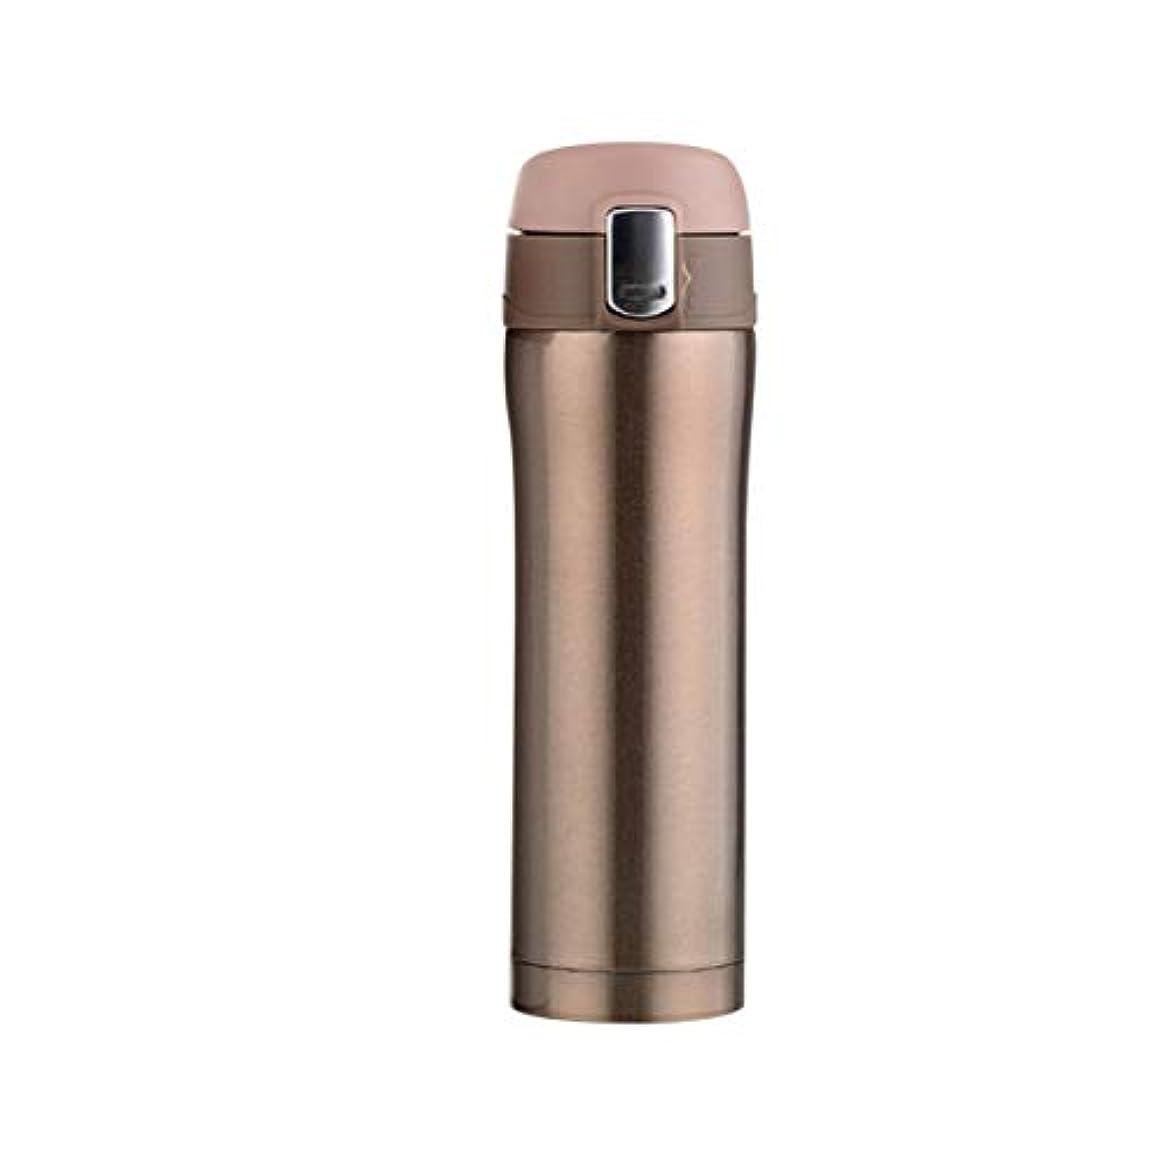 トラブル確立穀物Saikogoods 500MLコンパクトサイズのステンレス鋼真空断熱ウォーターボトルメンズ?レディース?オフィス旅行カー水マグボトルドリンク ゴールド